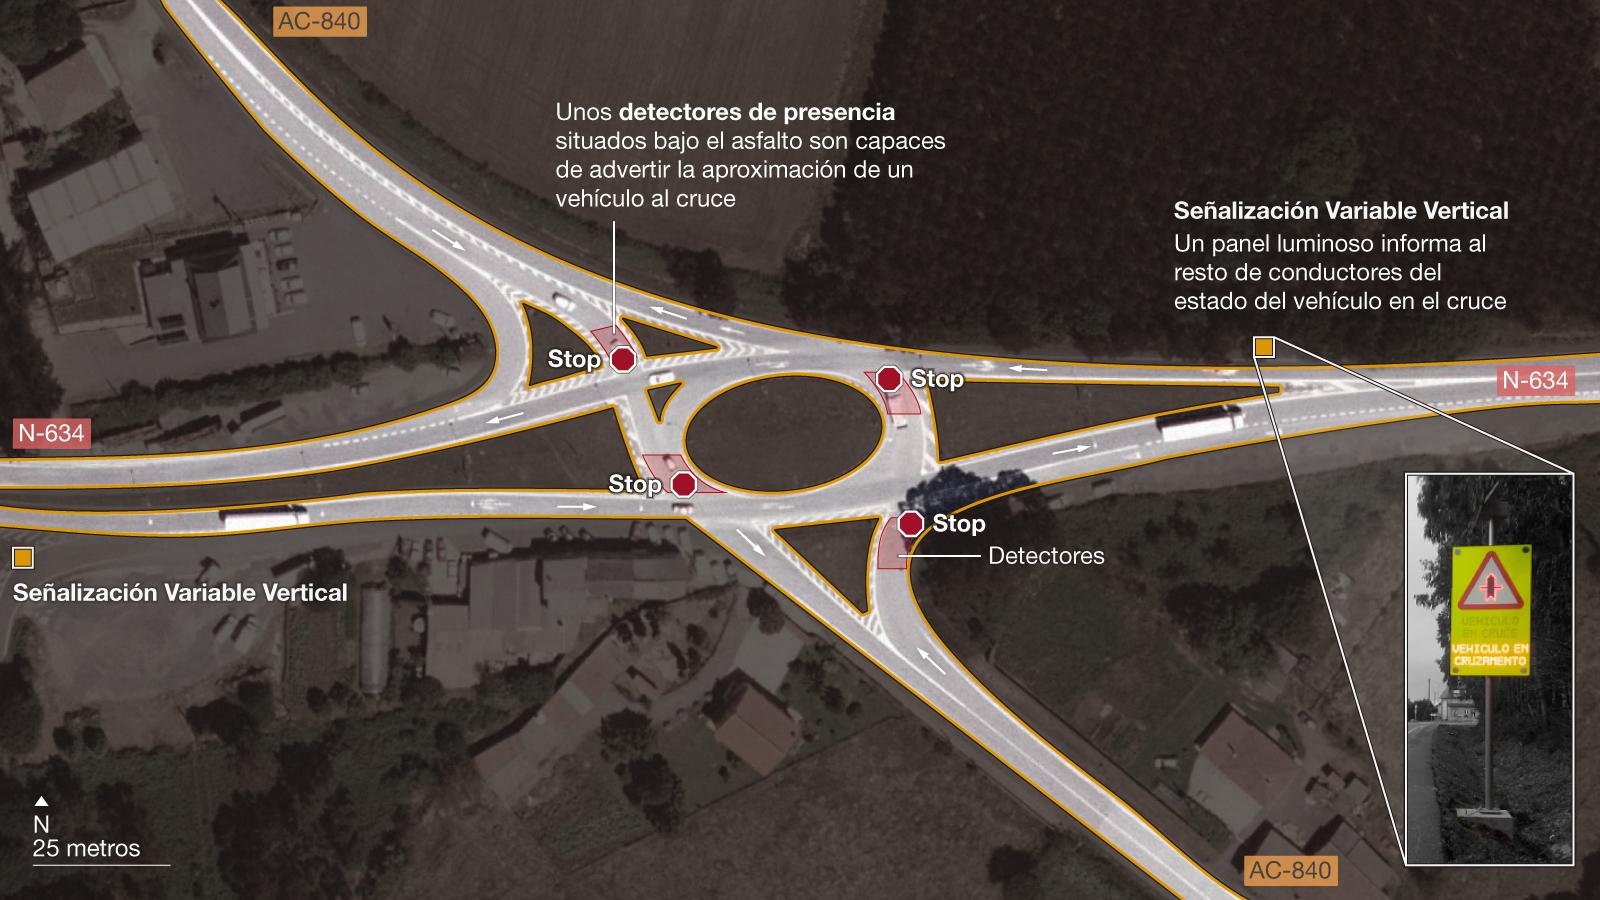 Sistema automático de advertencia de peligro en las intersecciones | Imagen cortesía de ESRI